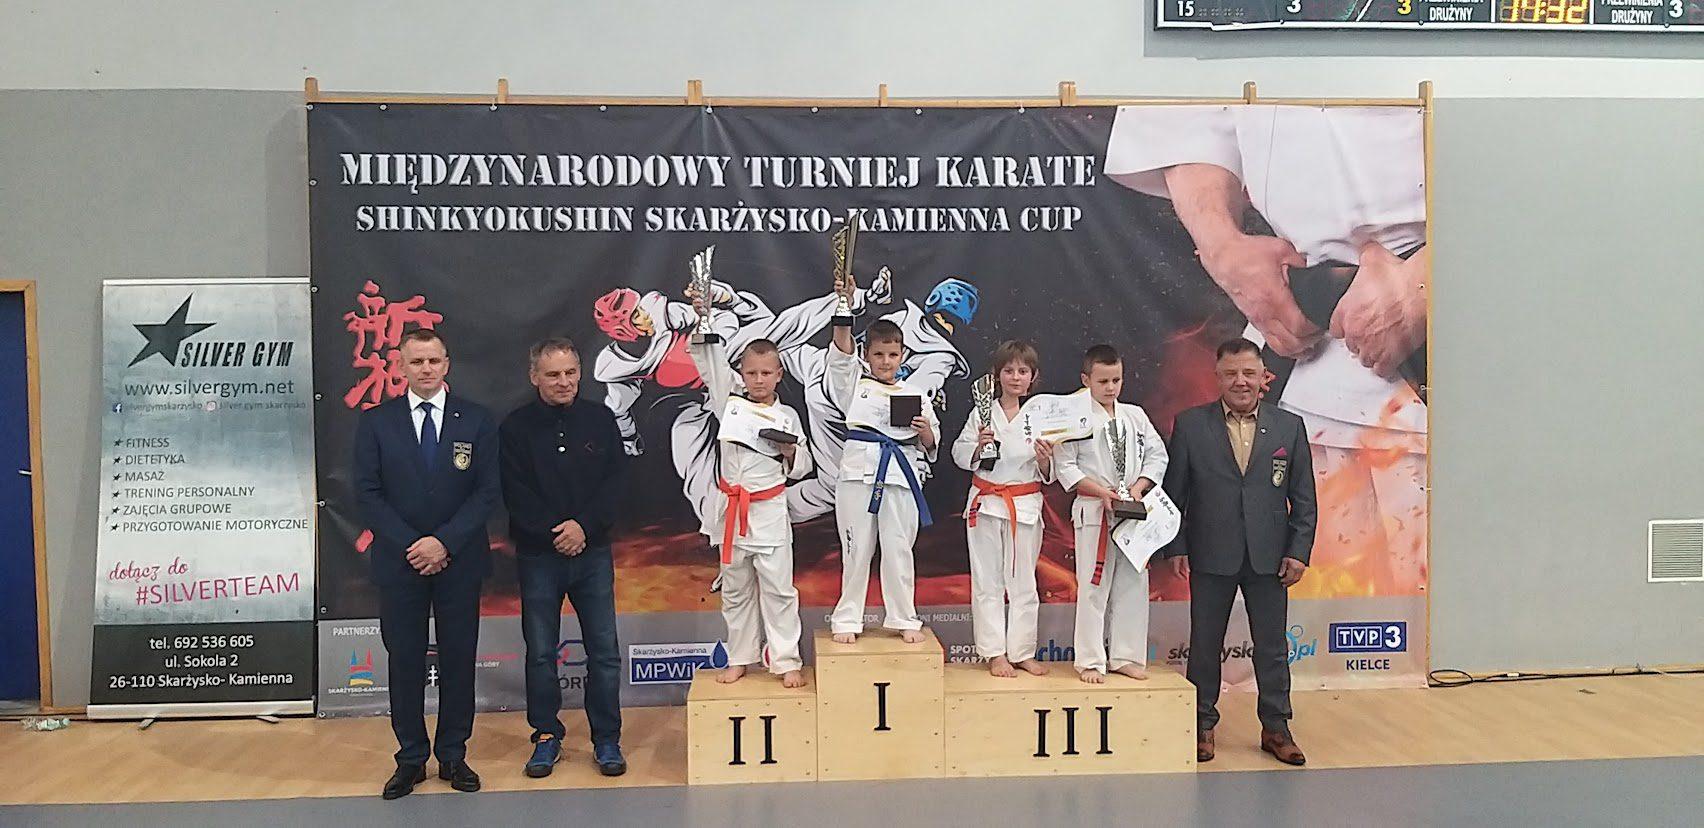 Nasi karatecy ponownie wyśmienicie